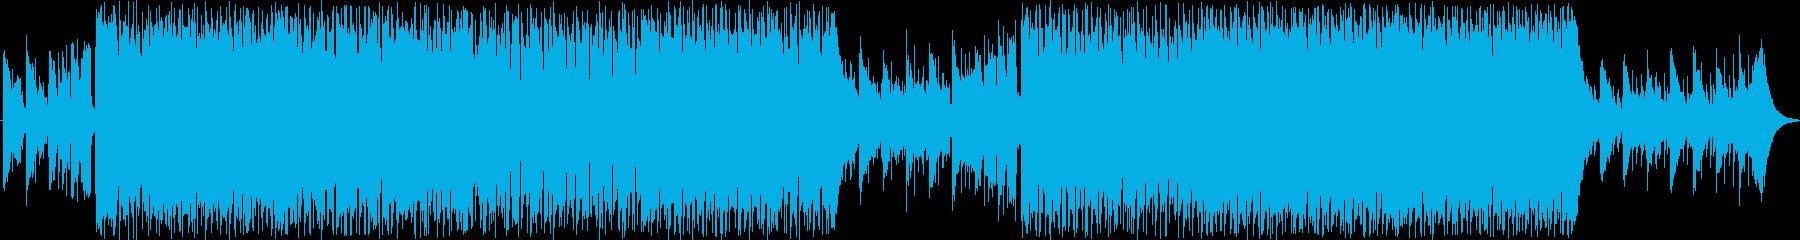 インディーロック ファンク ポジテ...の再生済みの波形